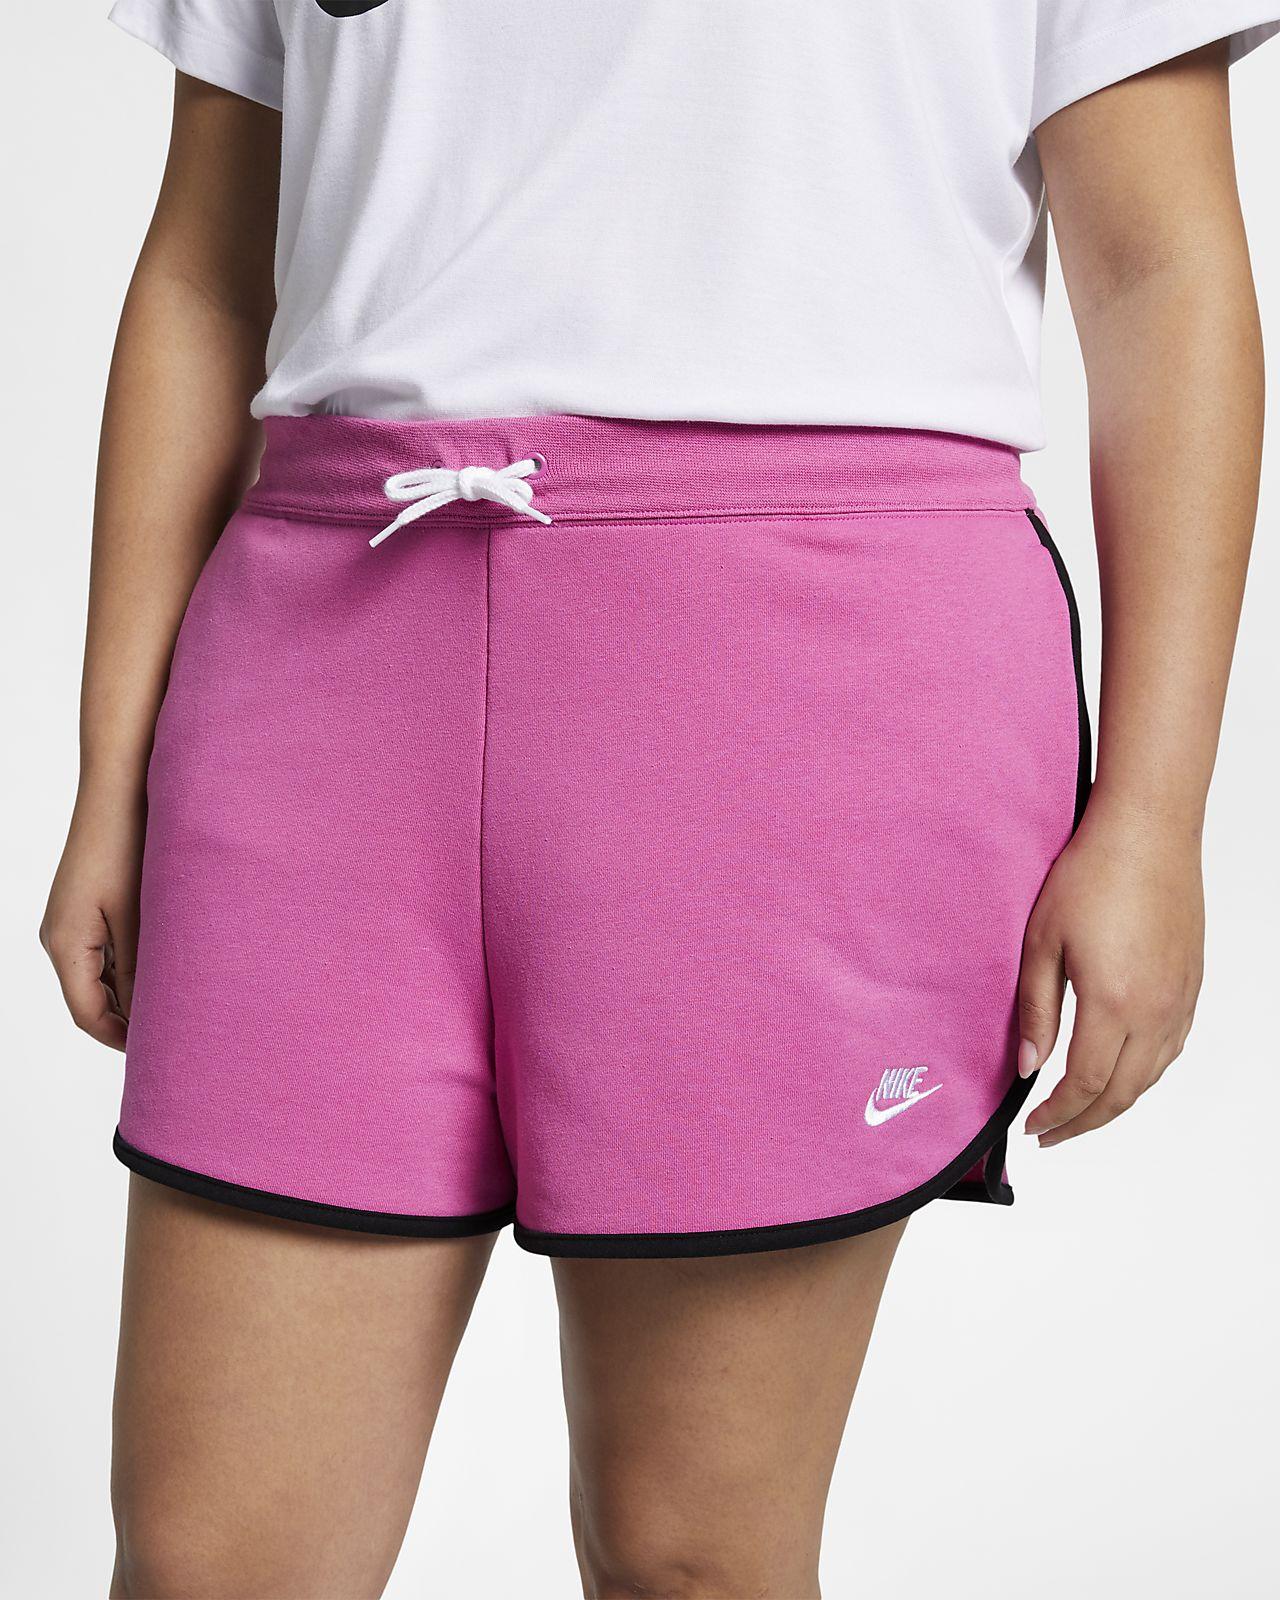 d3f929bae Nike Sportswear Heritage Women's Fleece Shorts (Plus Size). Nike.com